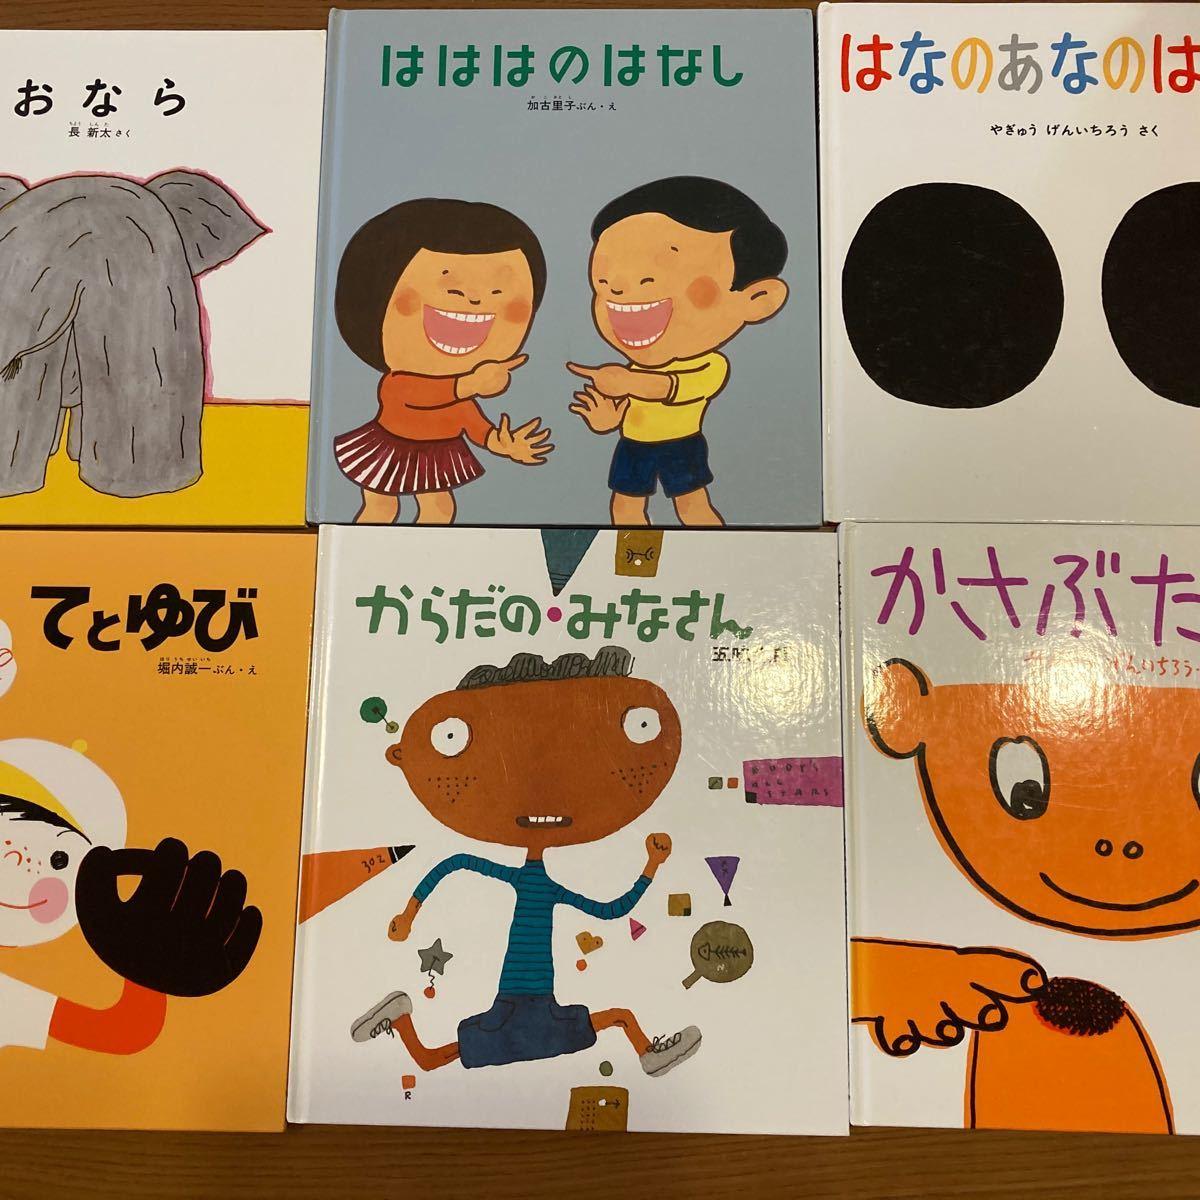 かがくのとも 絵本 傑作選12冊  福音館書店